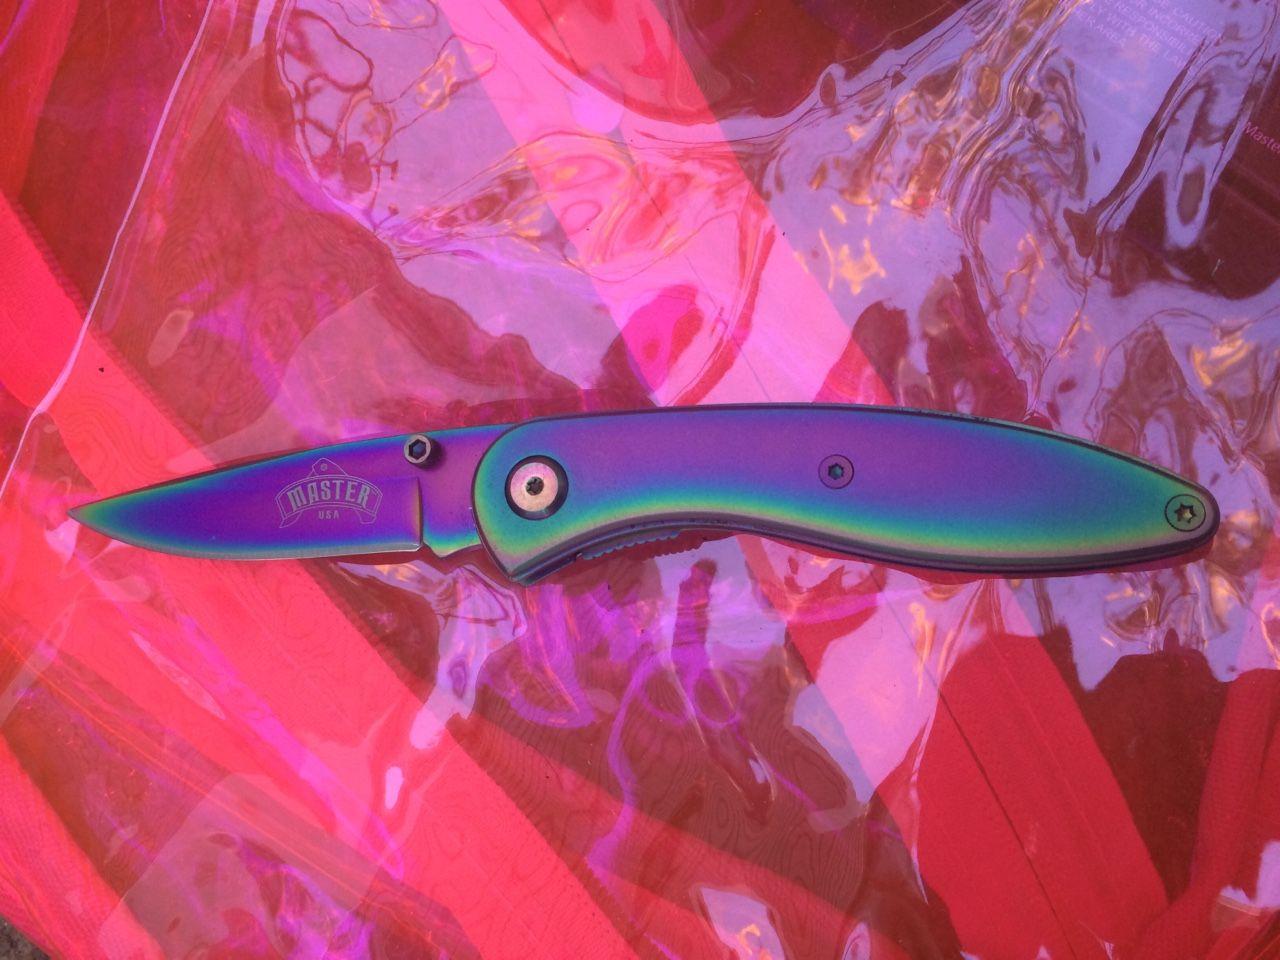 Mini Titanium Knife From Loveless Knife Mini Titanium